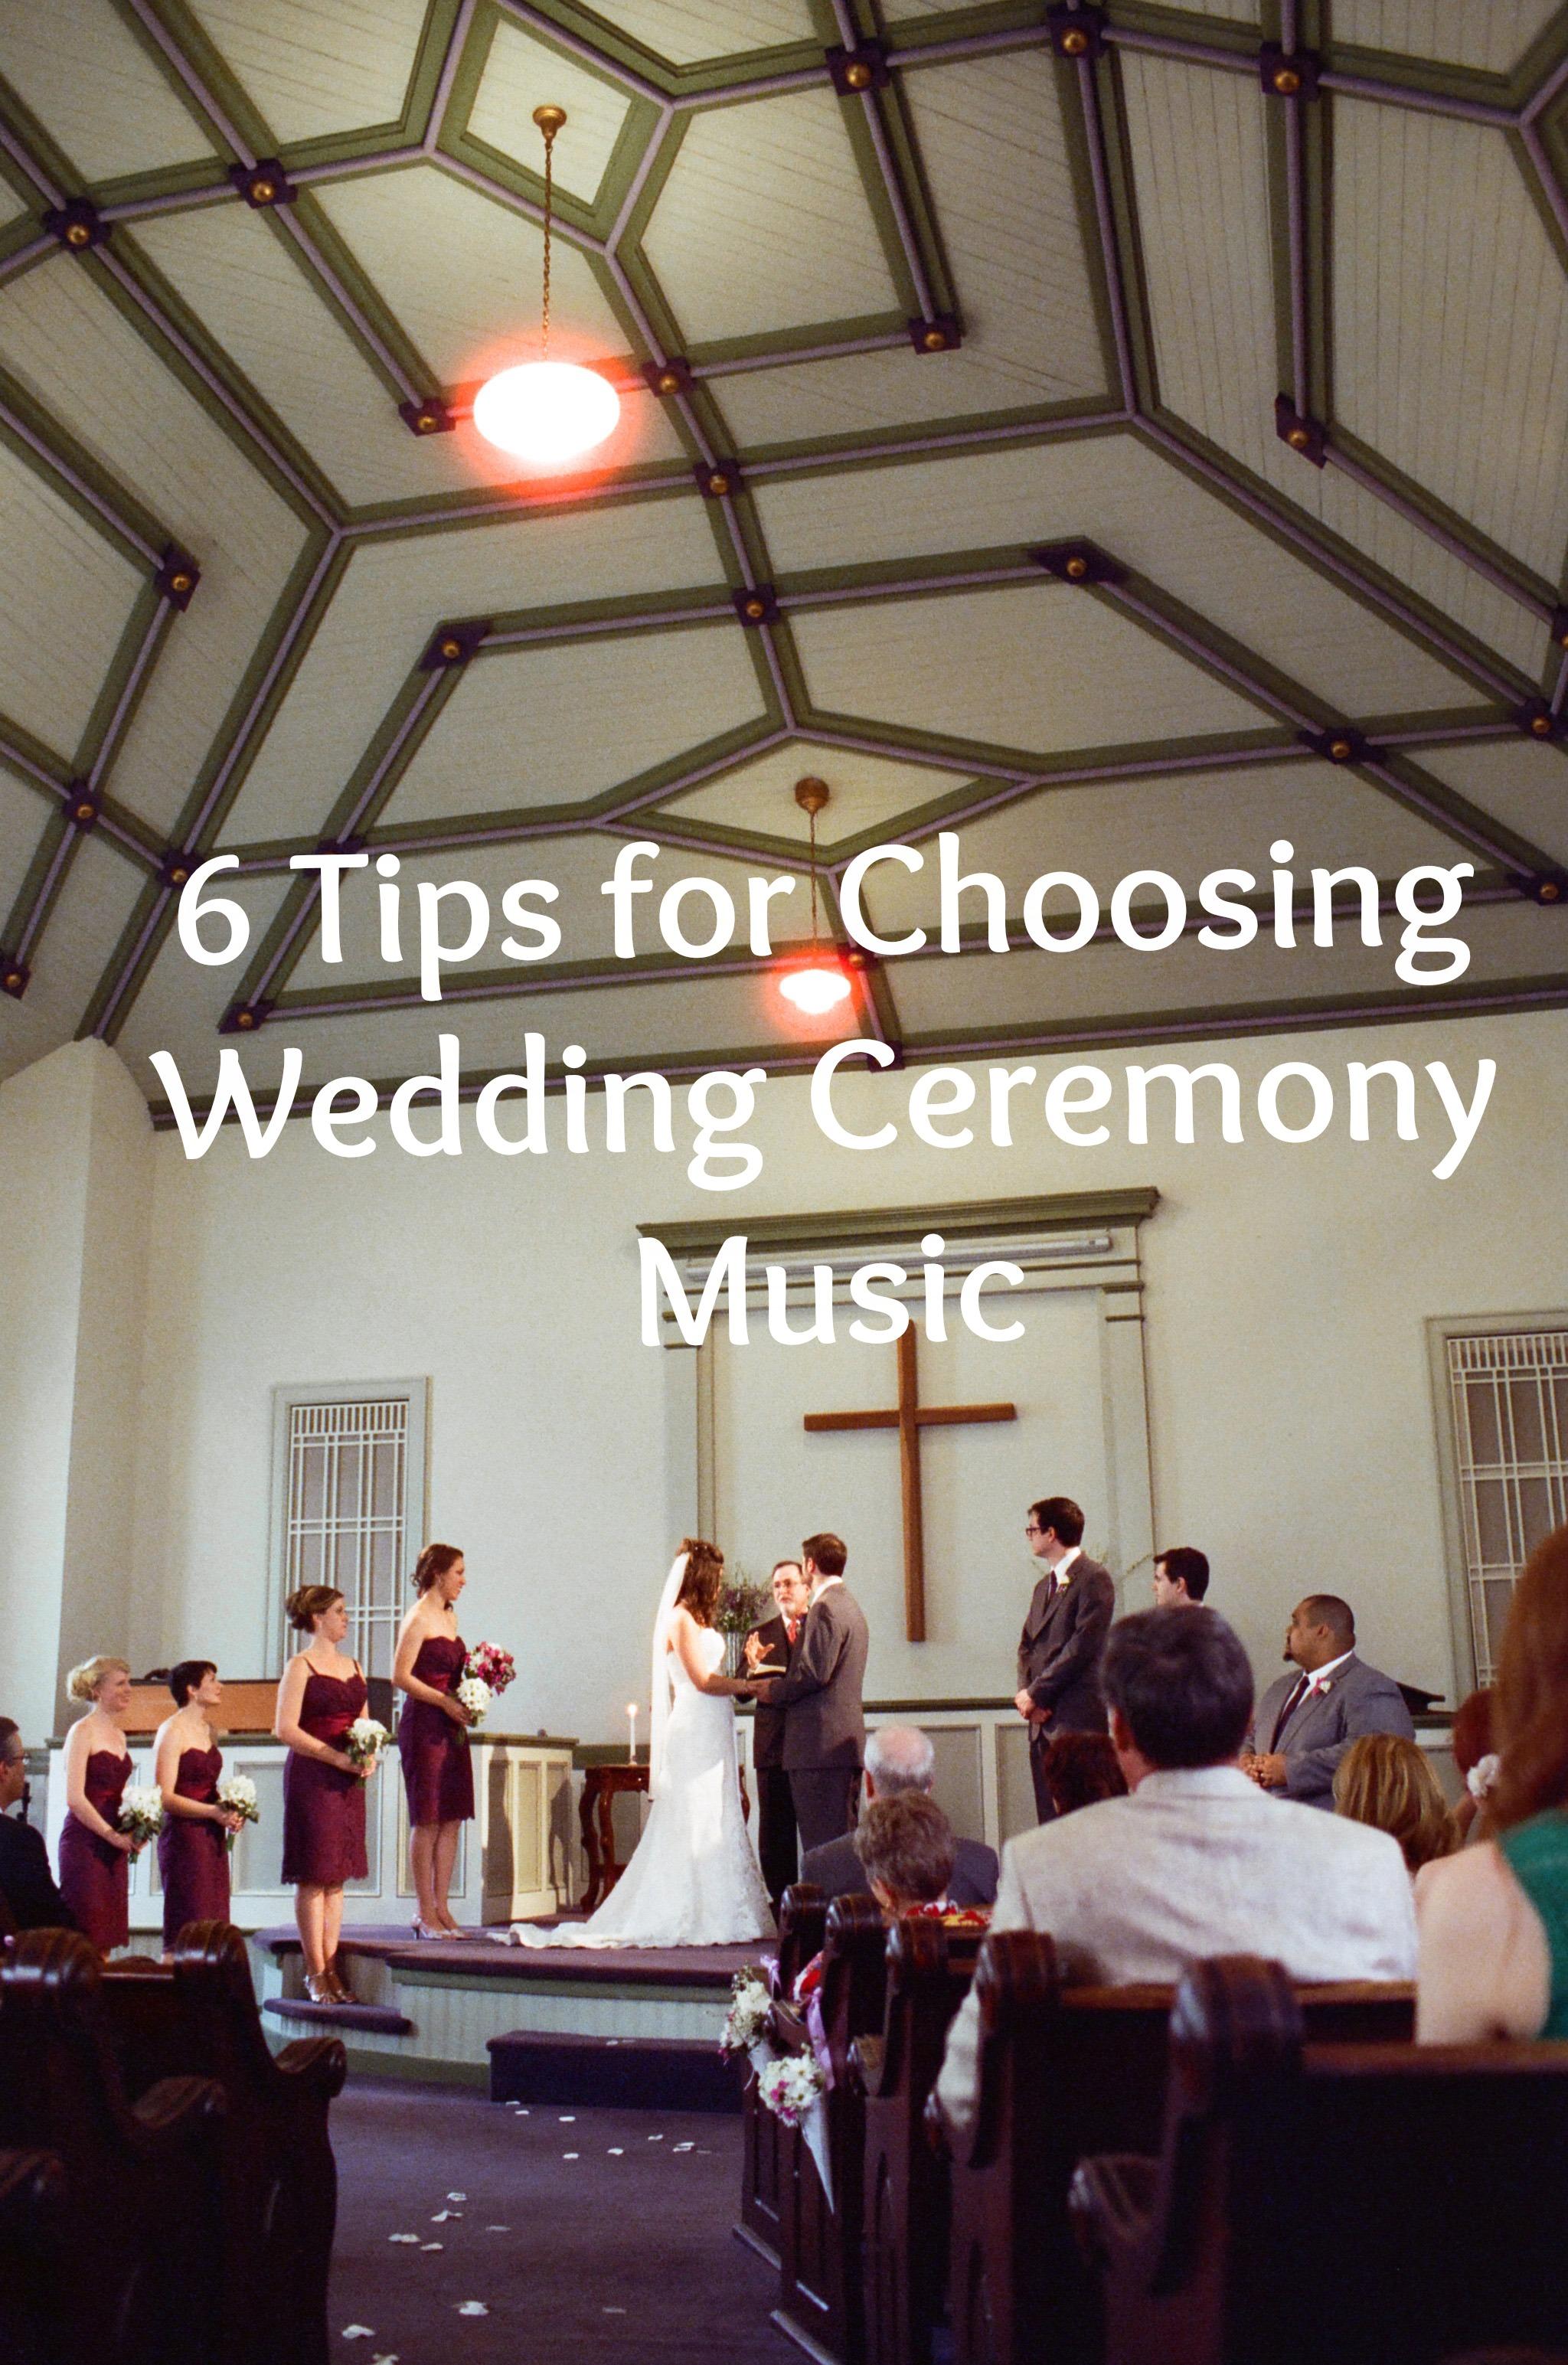 6-tips-for-choosing-ceremony-music.jpg